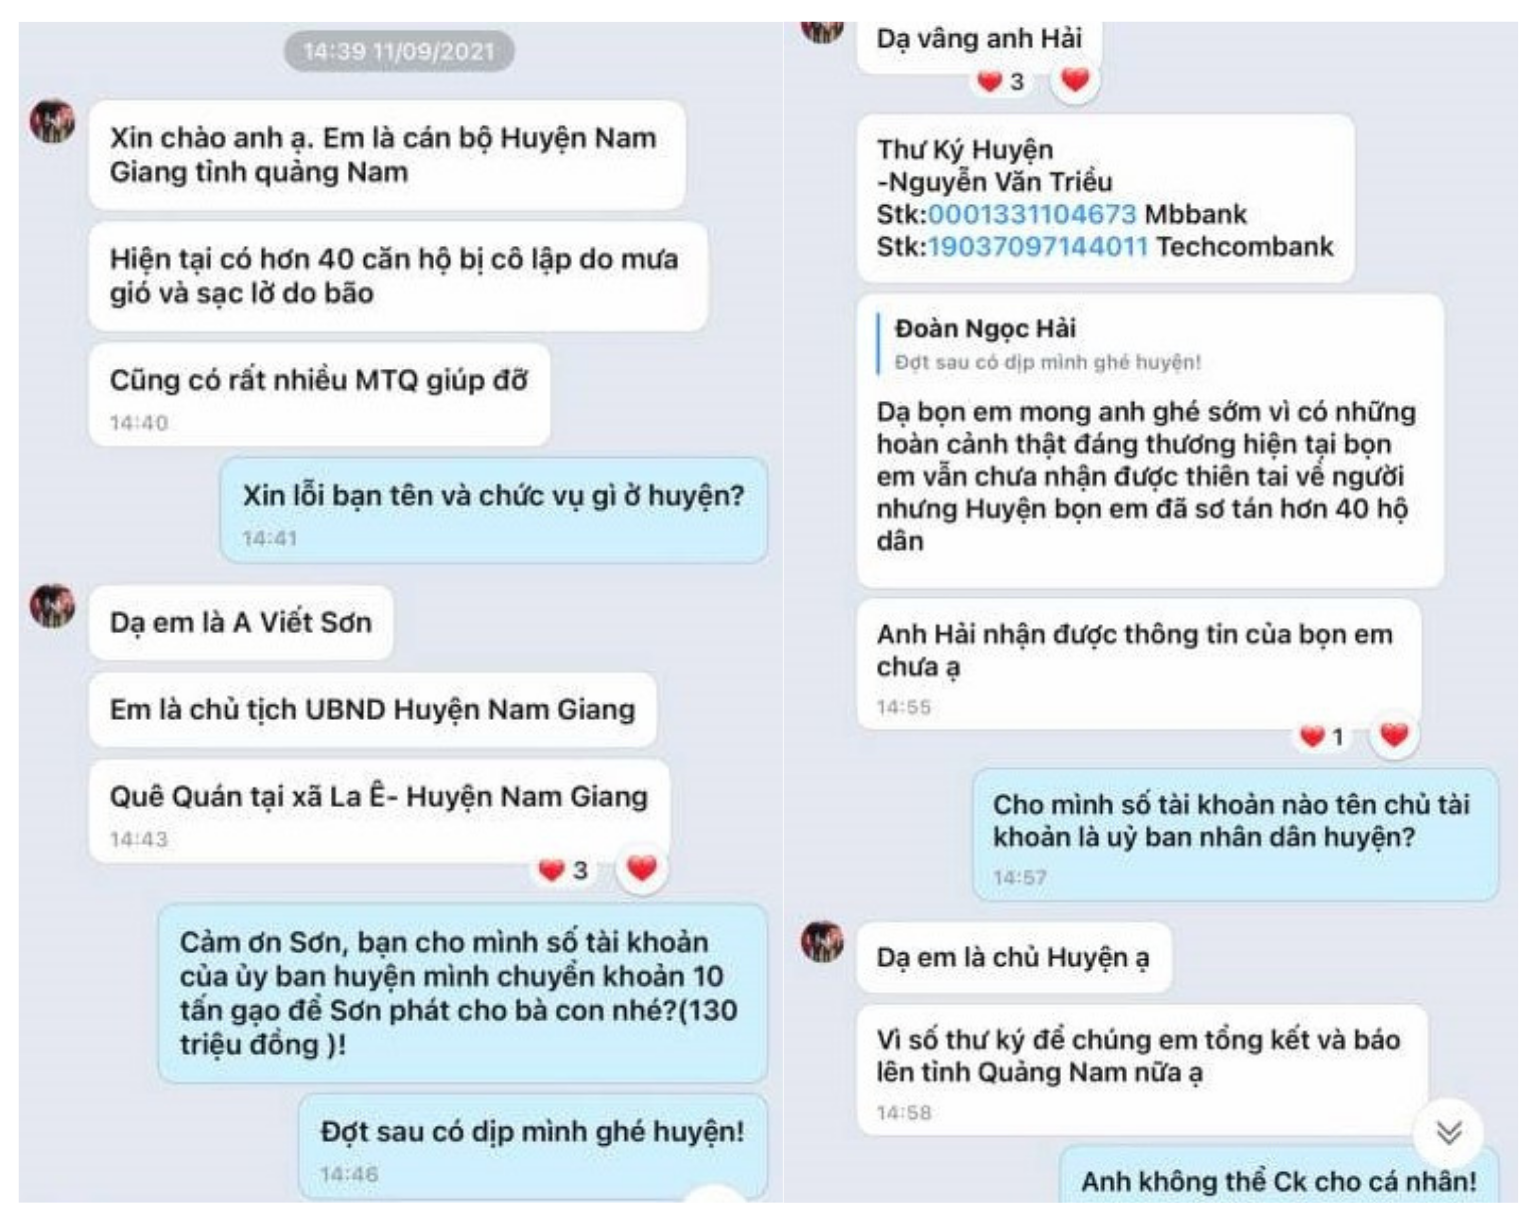 Tin nhắn của đối tượng gửi cho ông Đoàn Ngọc Hải, mạo danh ông A Viết Sơn - Chủ tịch UBND huyện Nam Giang. Ảnh: PV chụp lại